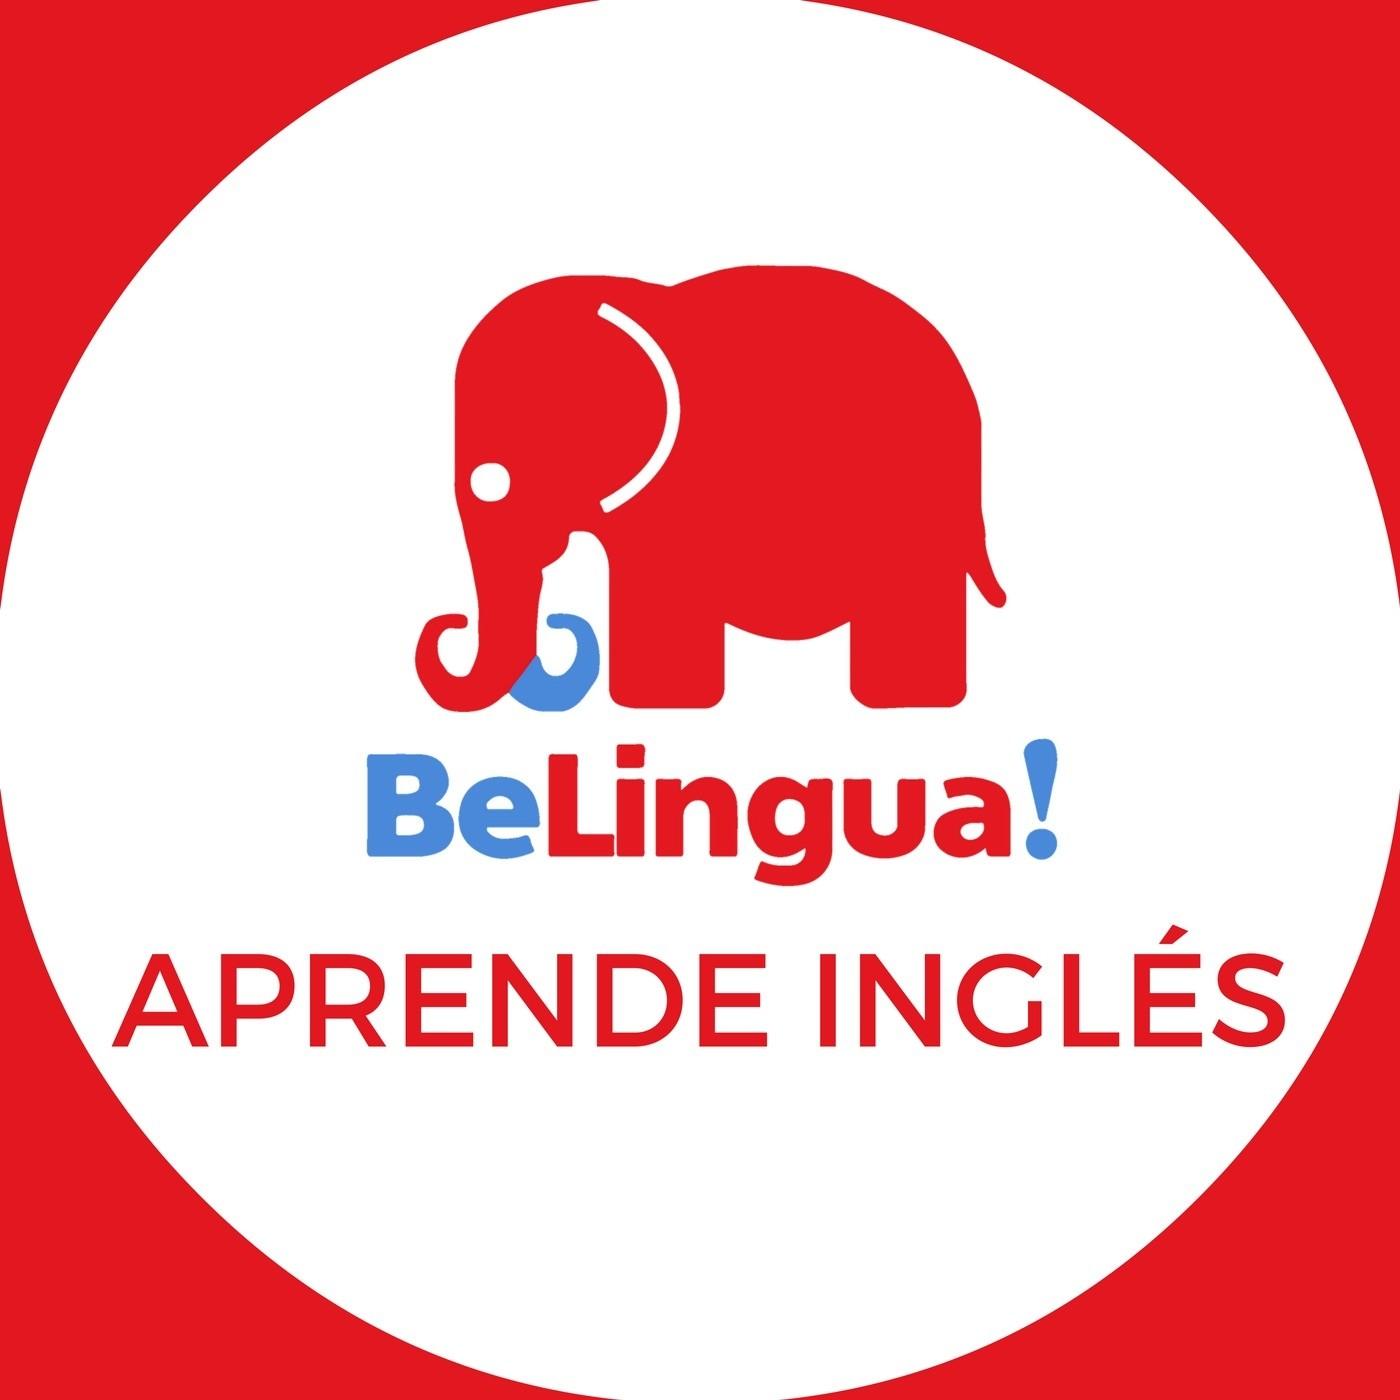 Belingua 4x24 - Lend o borrow